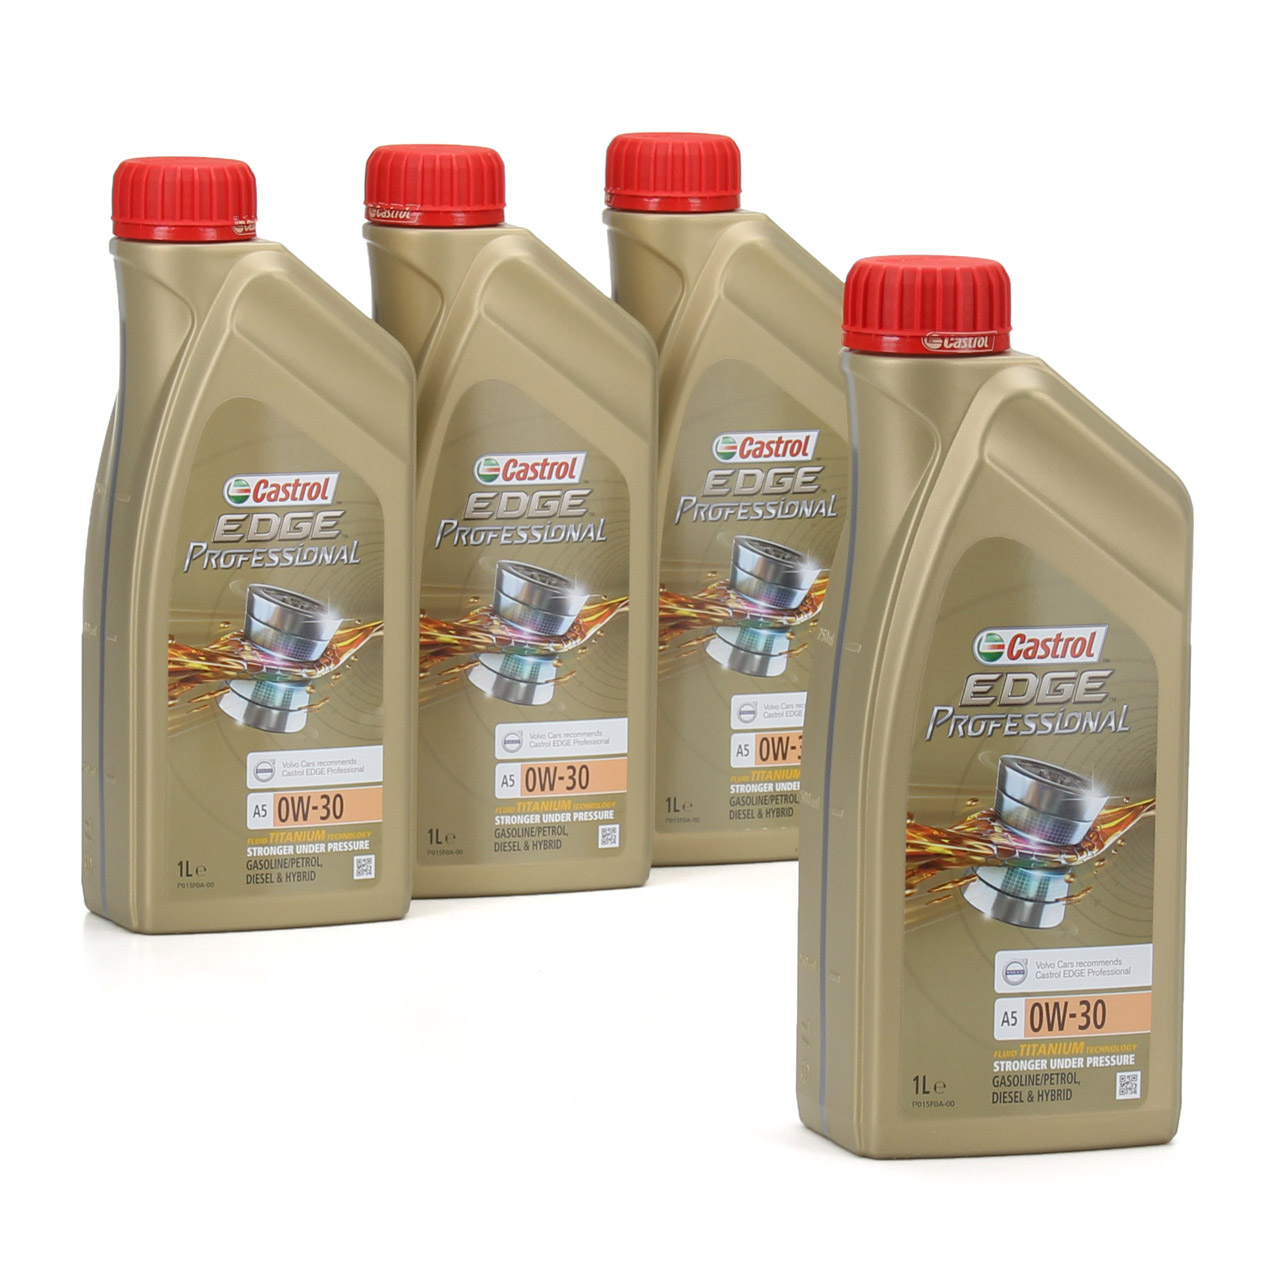 CASTROL EDGE Professional Motoröl Öl TITANIUM FST A5 0W-30 0W30 VOLVO 4 Liter